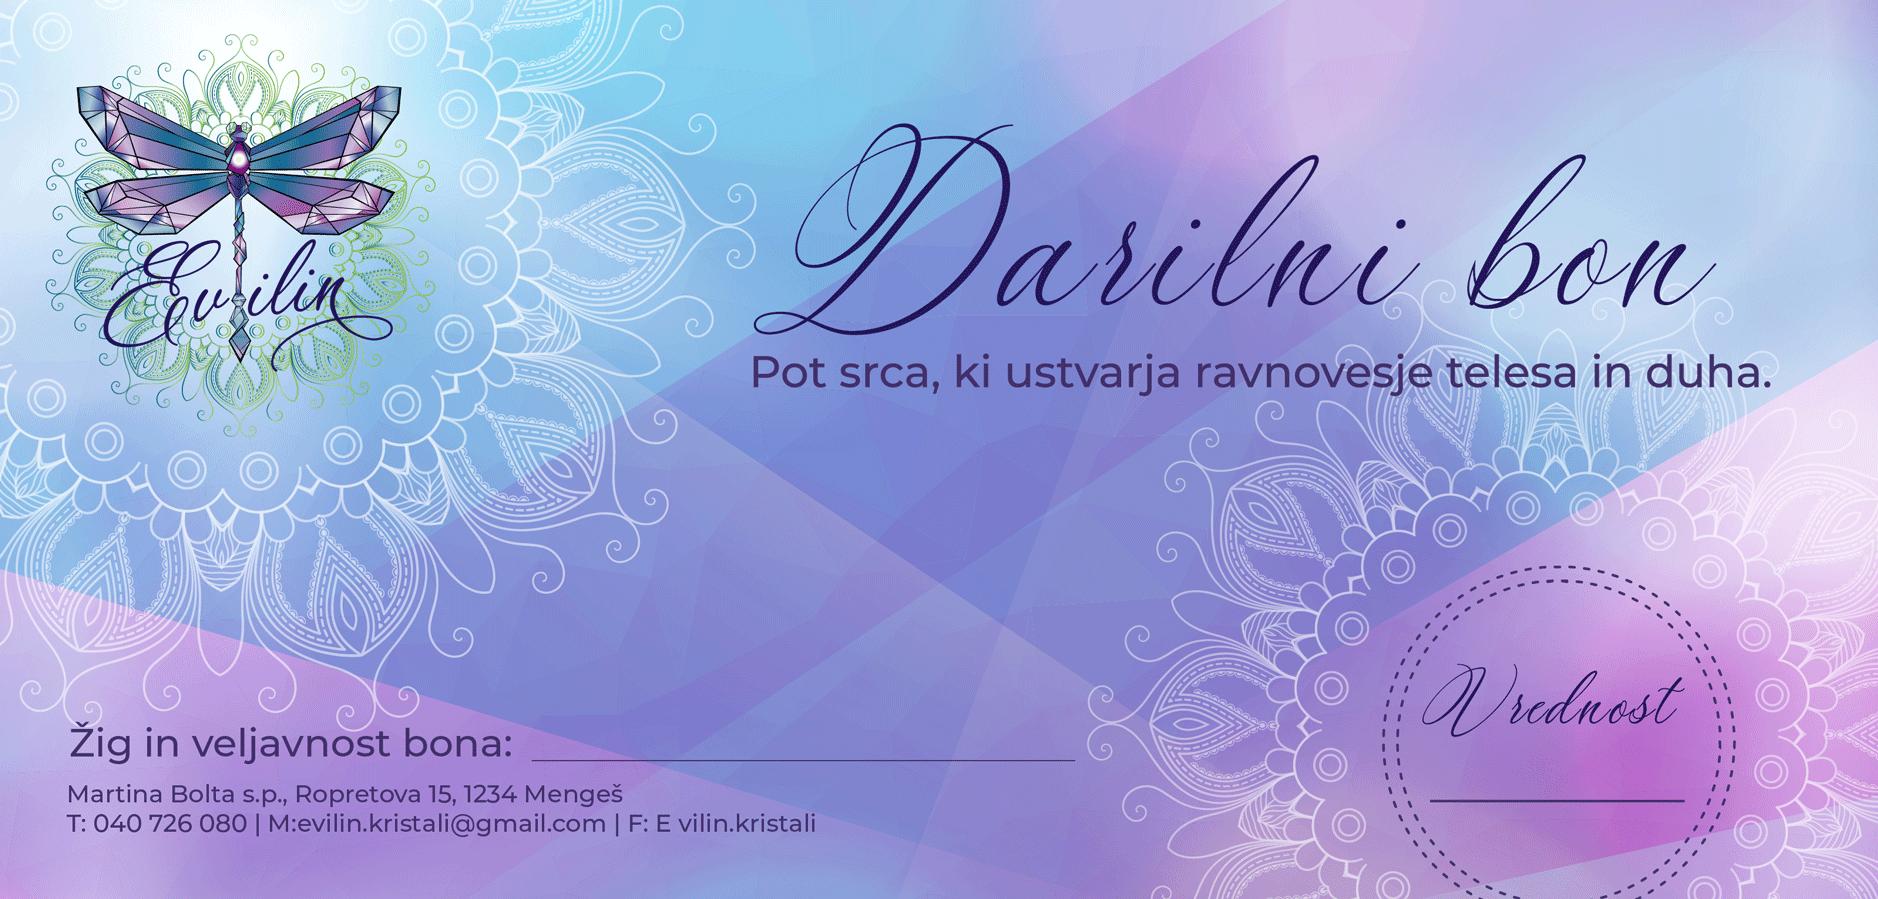 eVilin_darilni-bon_F-01